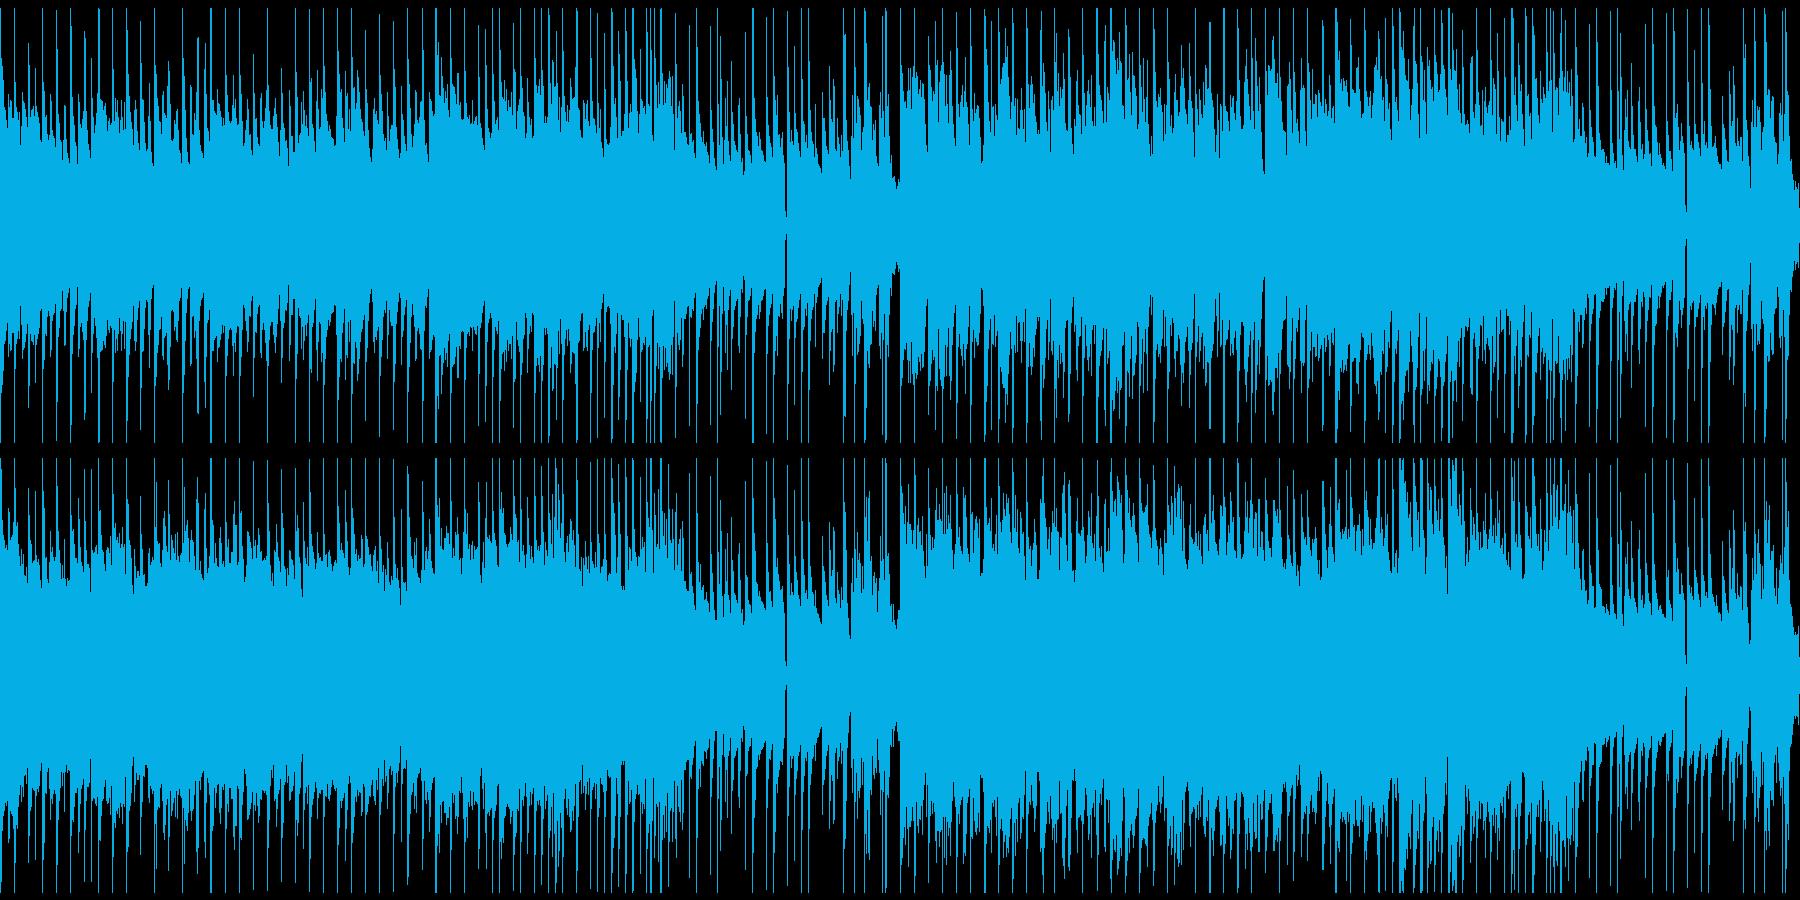 ゲームの選択画面BGMの再生済みの波形